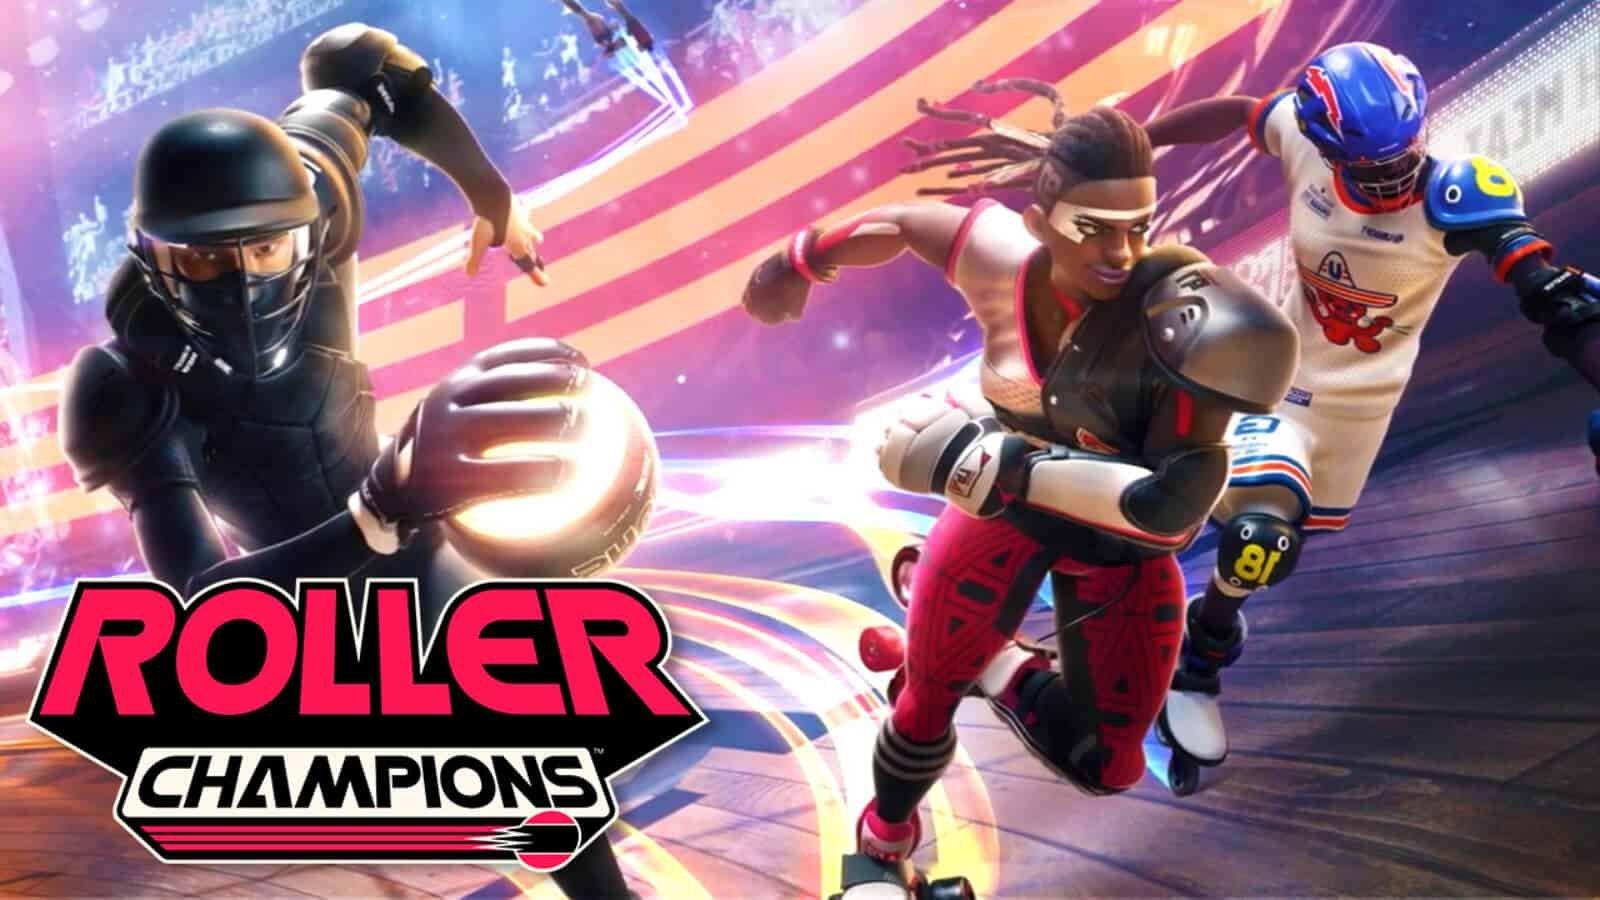 Ubisoft confirma seu título esportivo gratuito 'Roller Champions' para o Switch